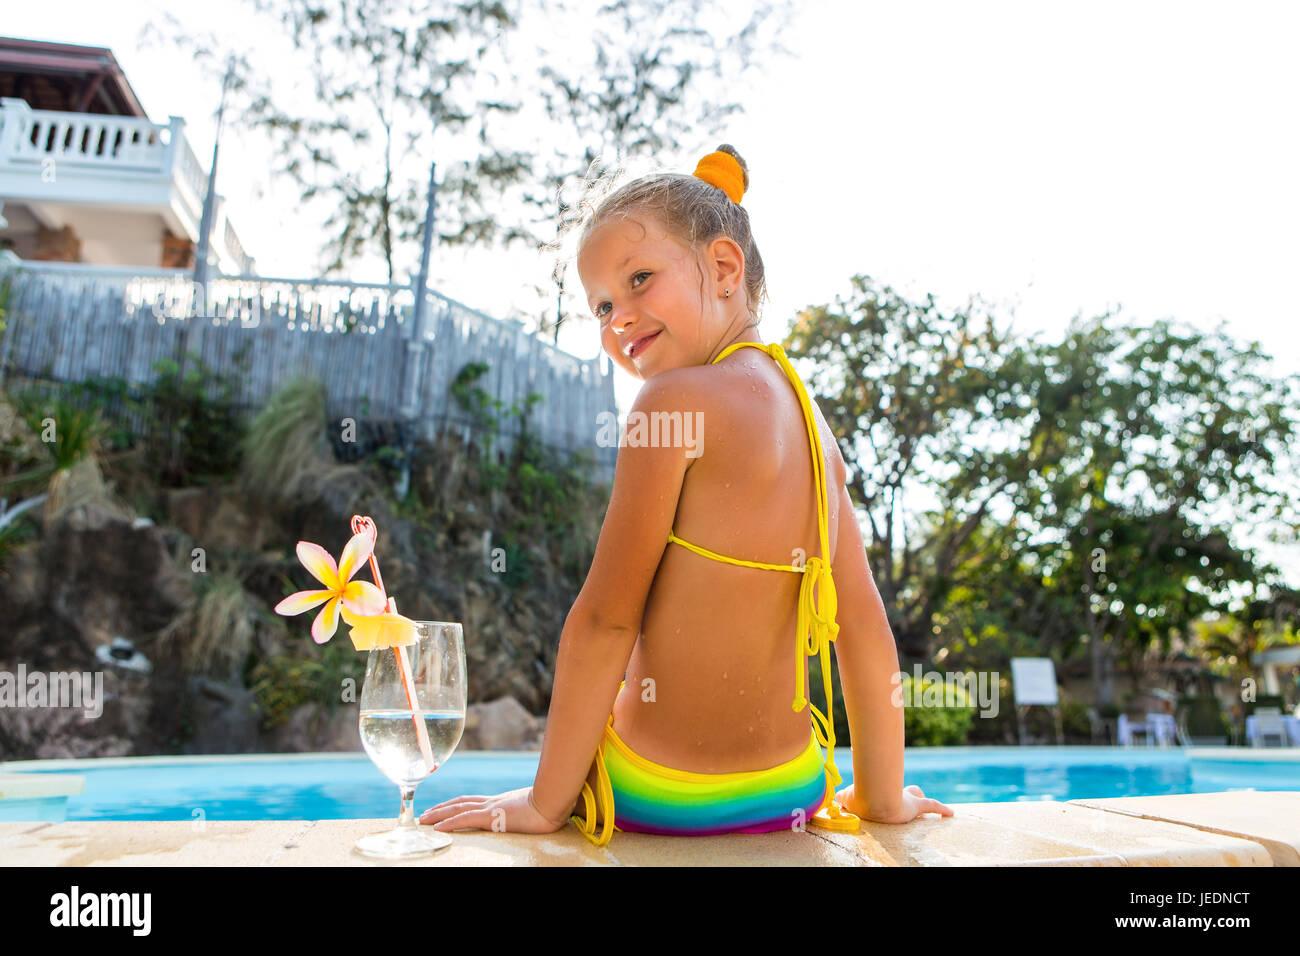 bb5d0531 Poco lindo rubia nadando en la gran piscina. Vaso grande con agua, paja y